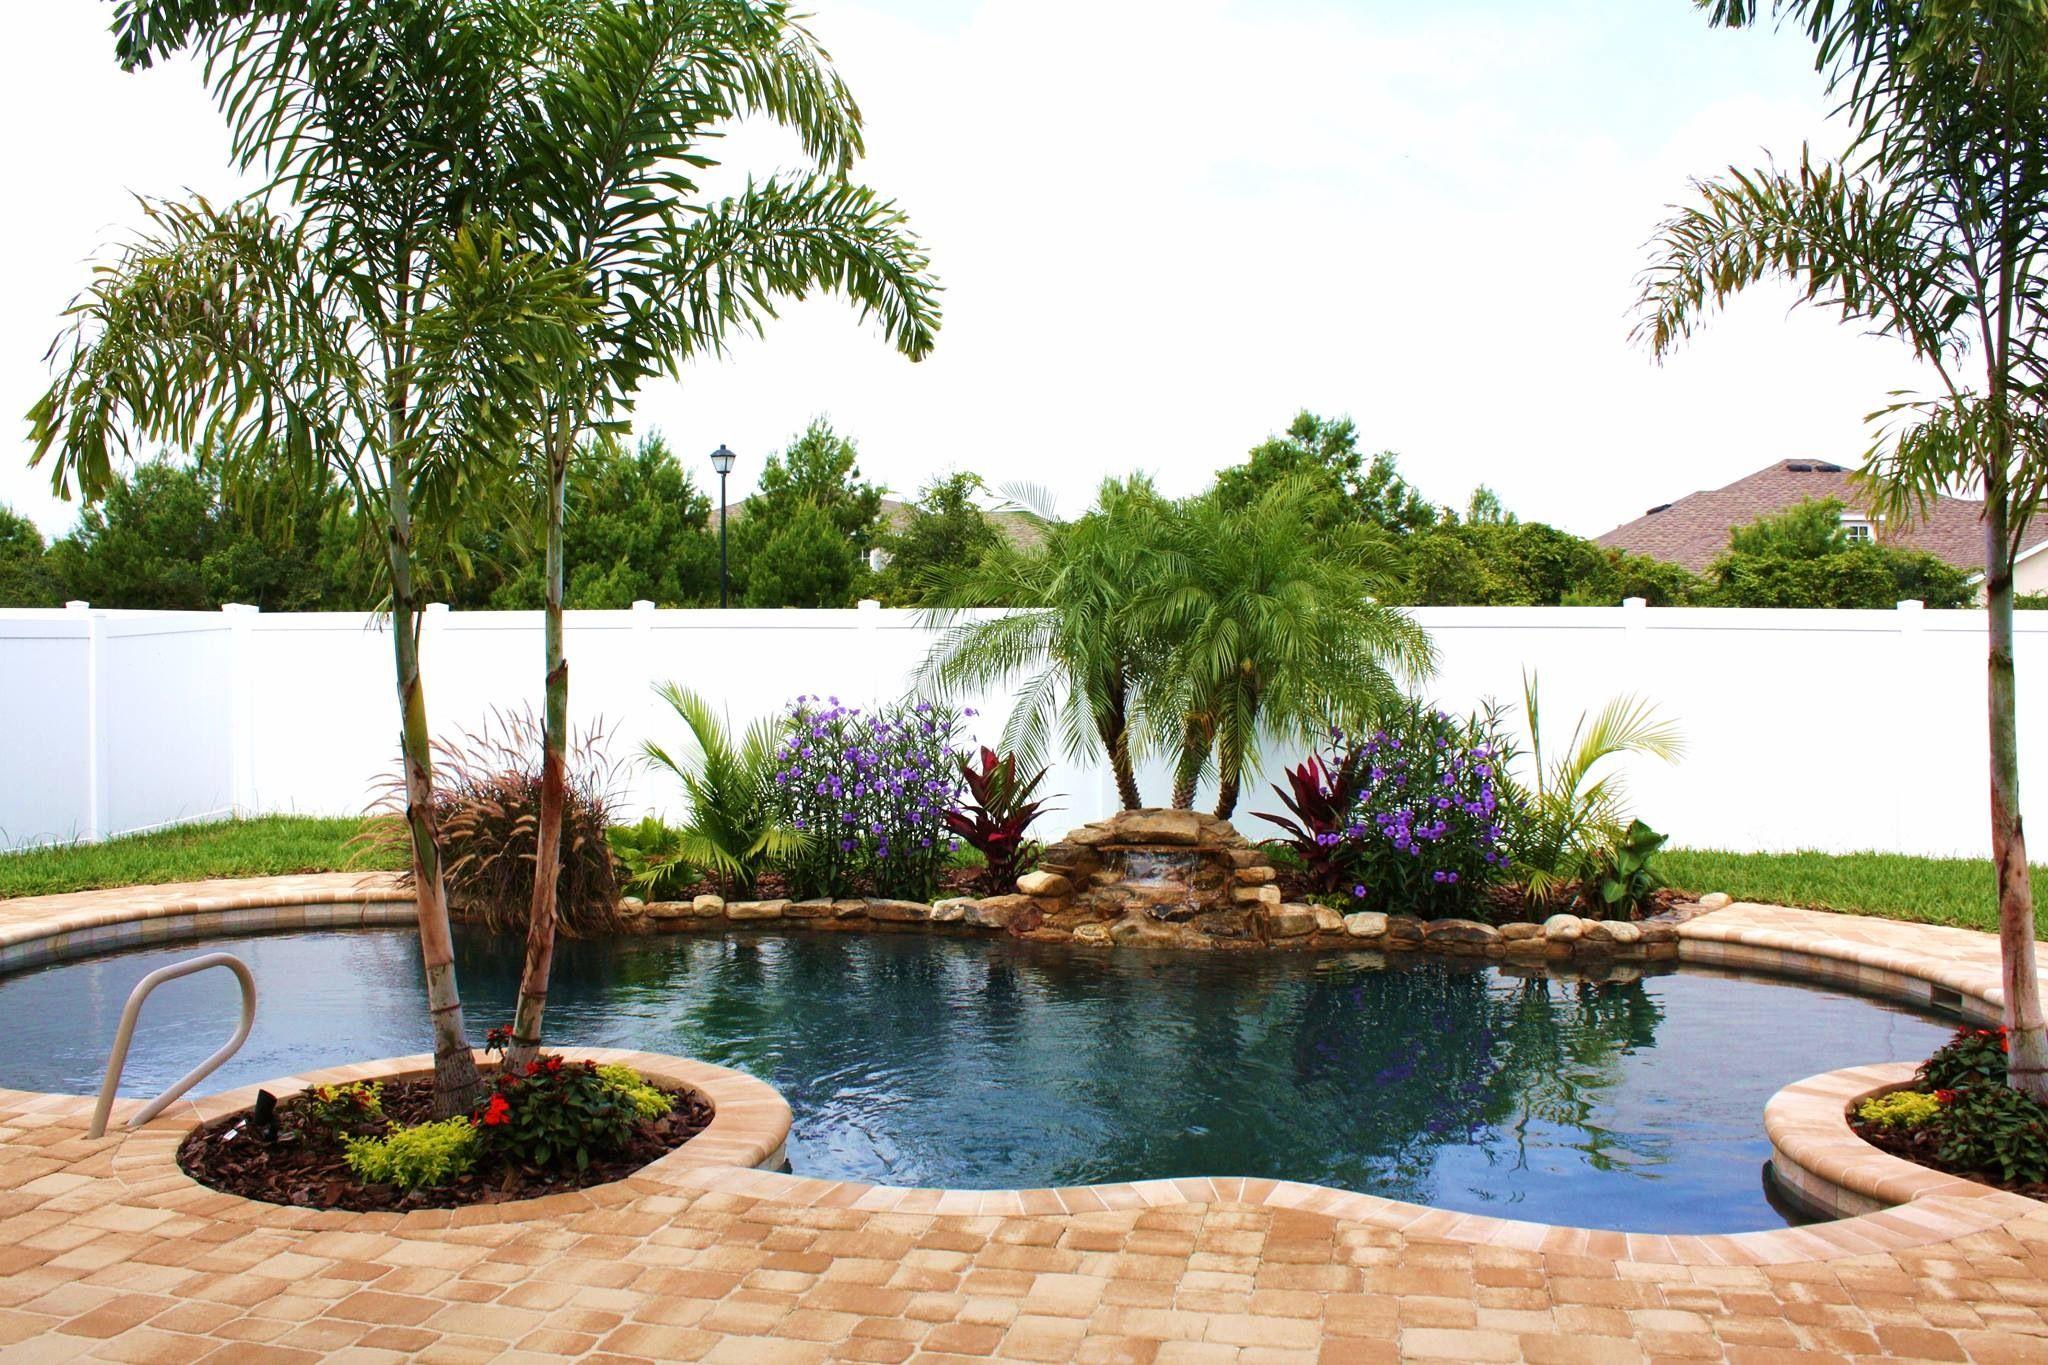 Pin By Sunny Niles On Home Small Backyard Pools Backyard Pool